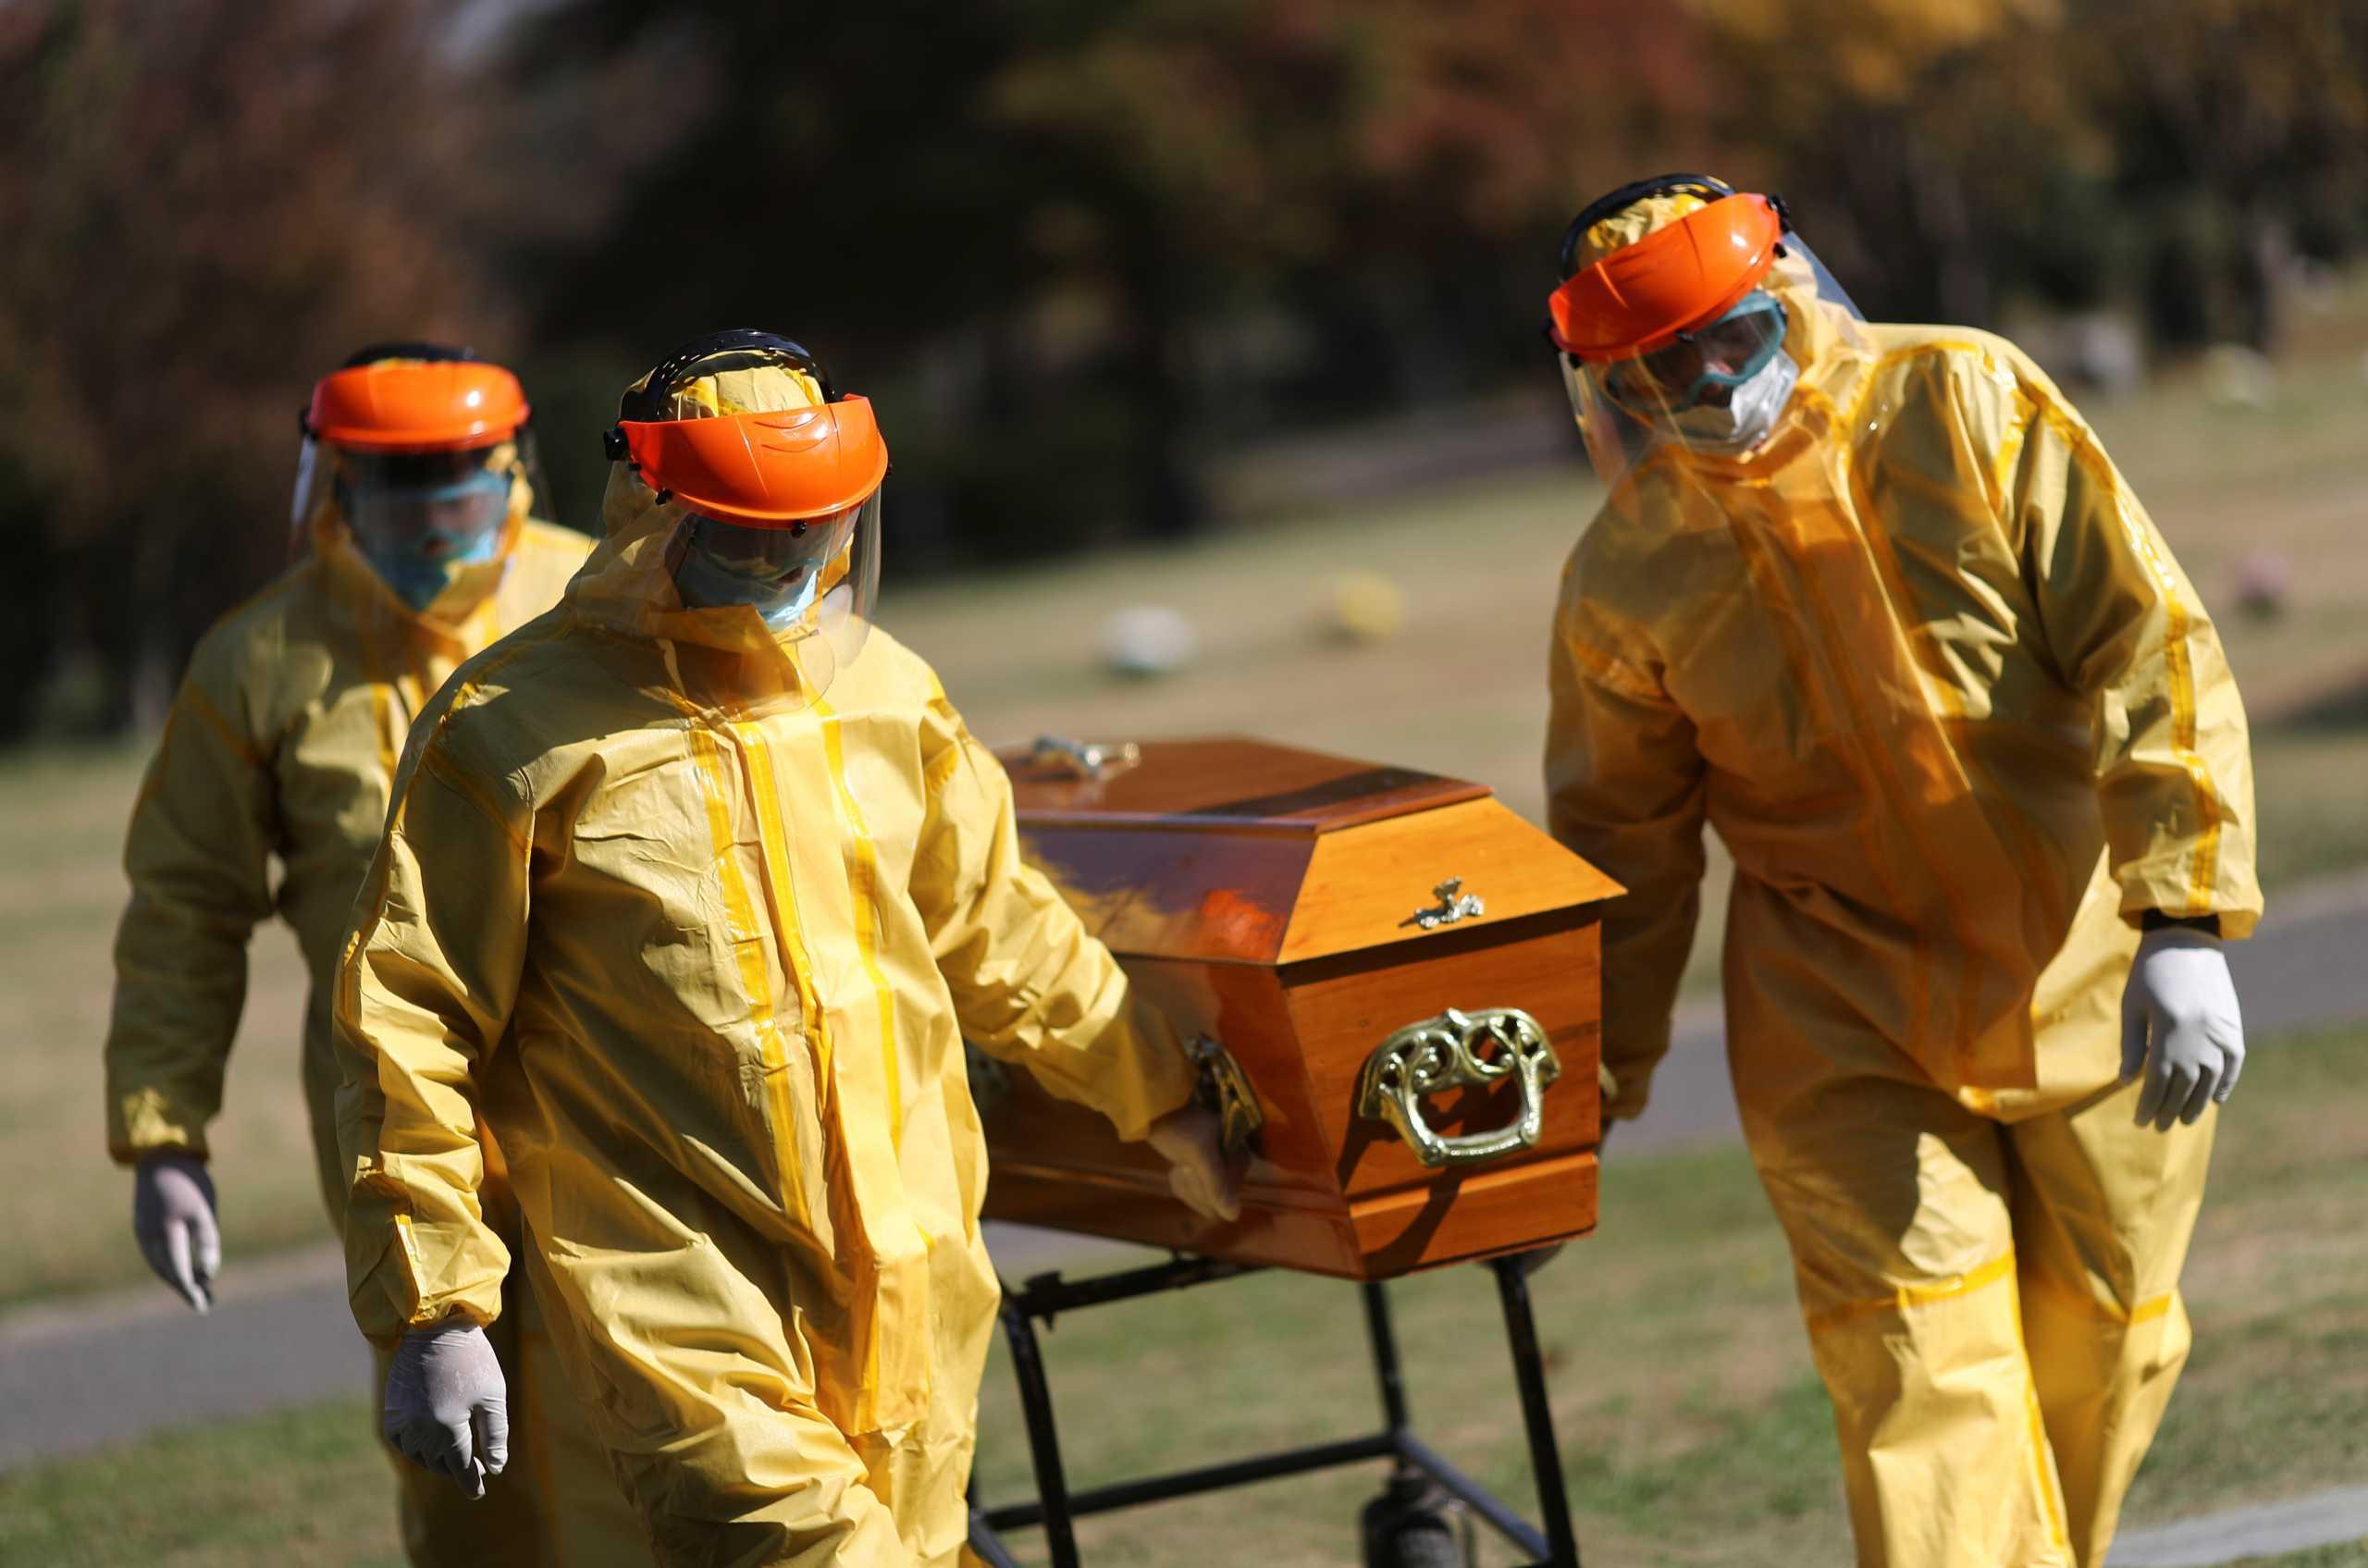 Αργεντινή: Ξεφεύγει η κατάσταση – 417 νεκροί από κορονοϊό και 22.651 κρούσματα την τελευταία μέρα